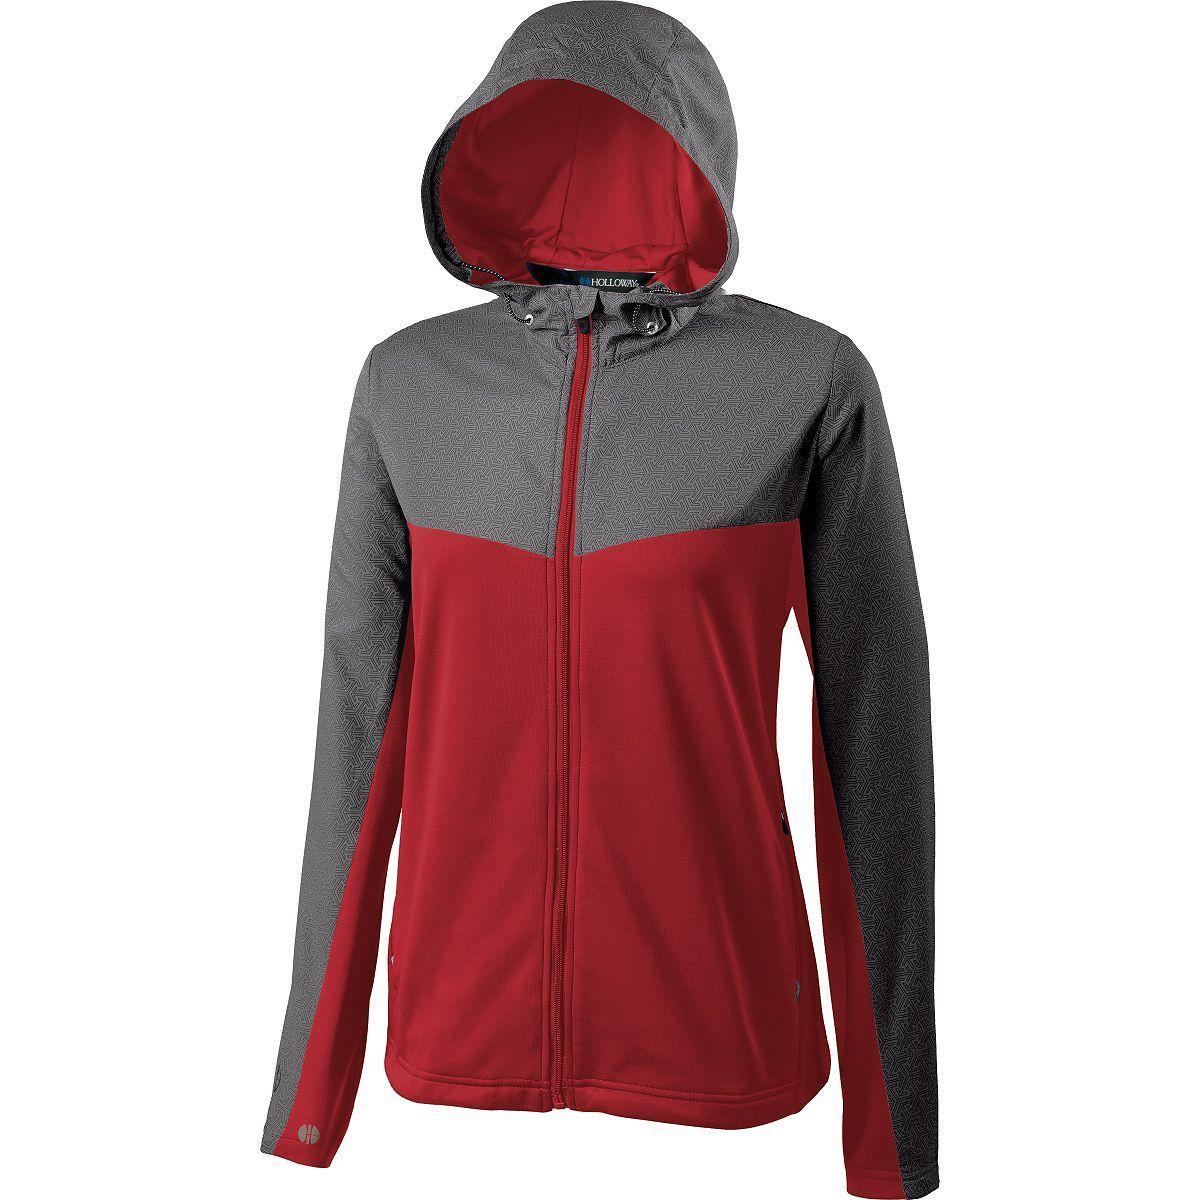 Ladies Crossover Jacket - GREY PRINT/SCARLET